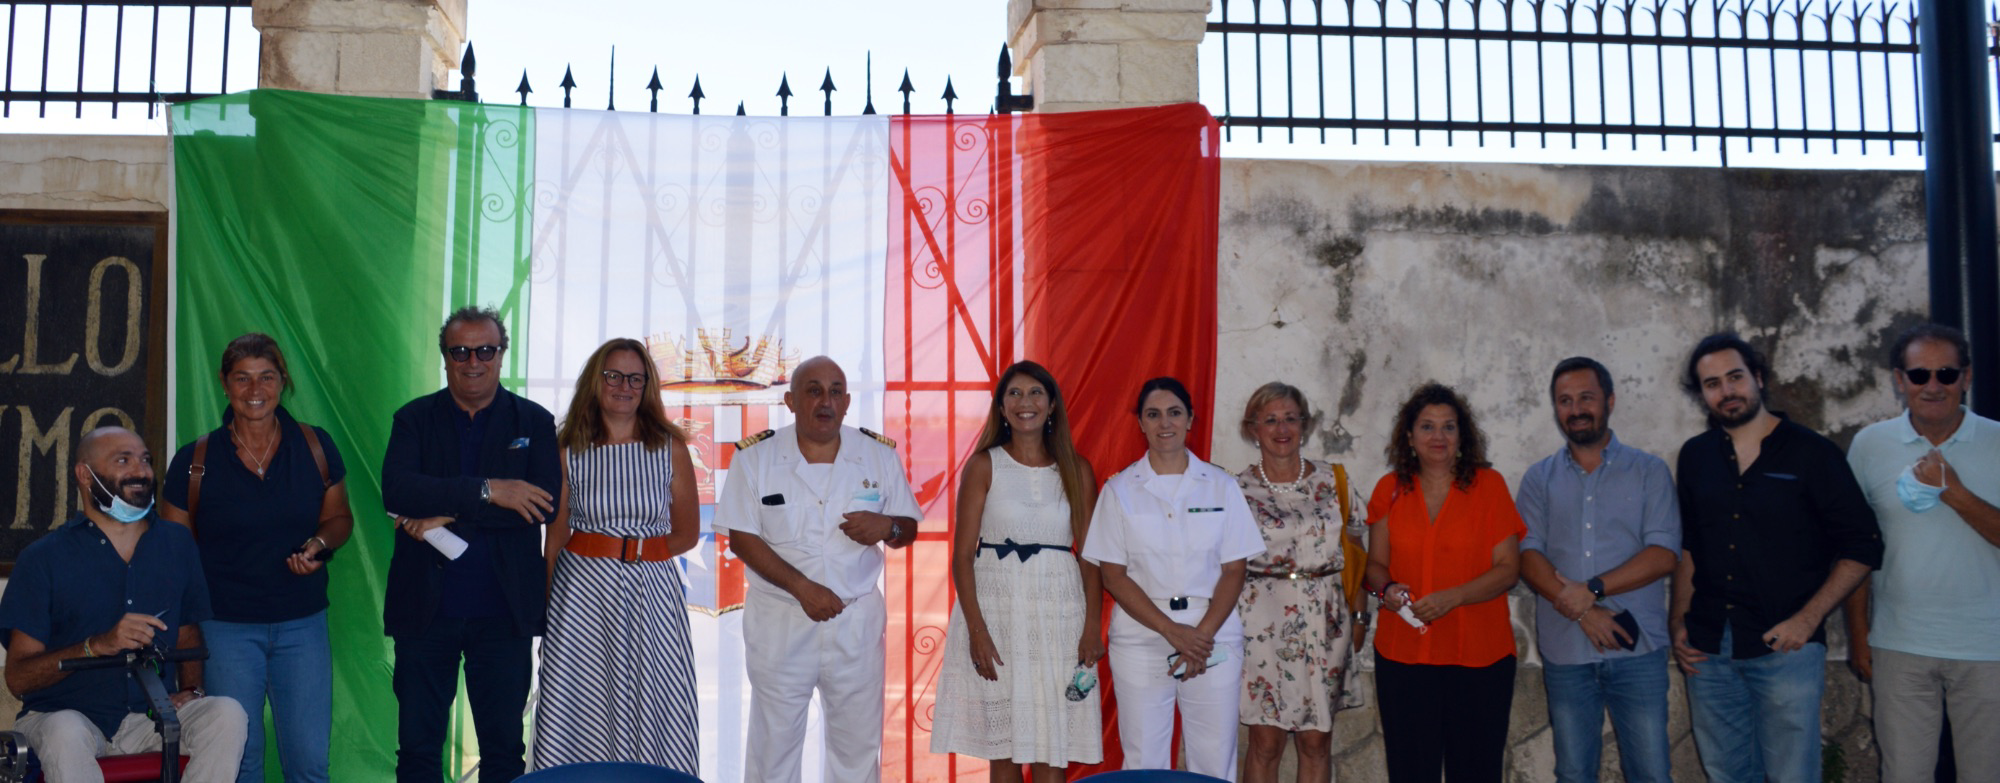 BUONE PRASSI PER UN TURISMO ACCESSIBILE E SICURO: L'IMPEGNO DI SICILIA TURISMO PER TUTTI